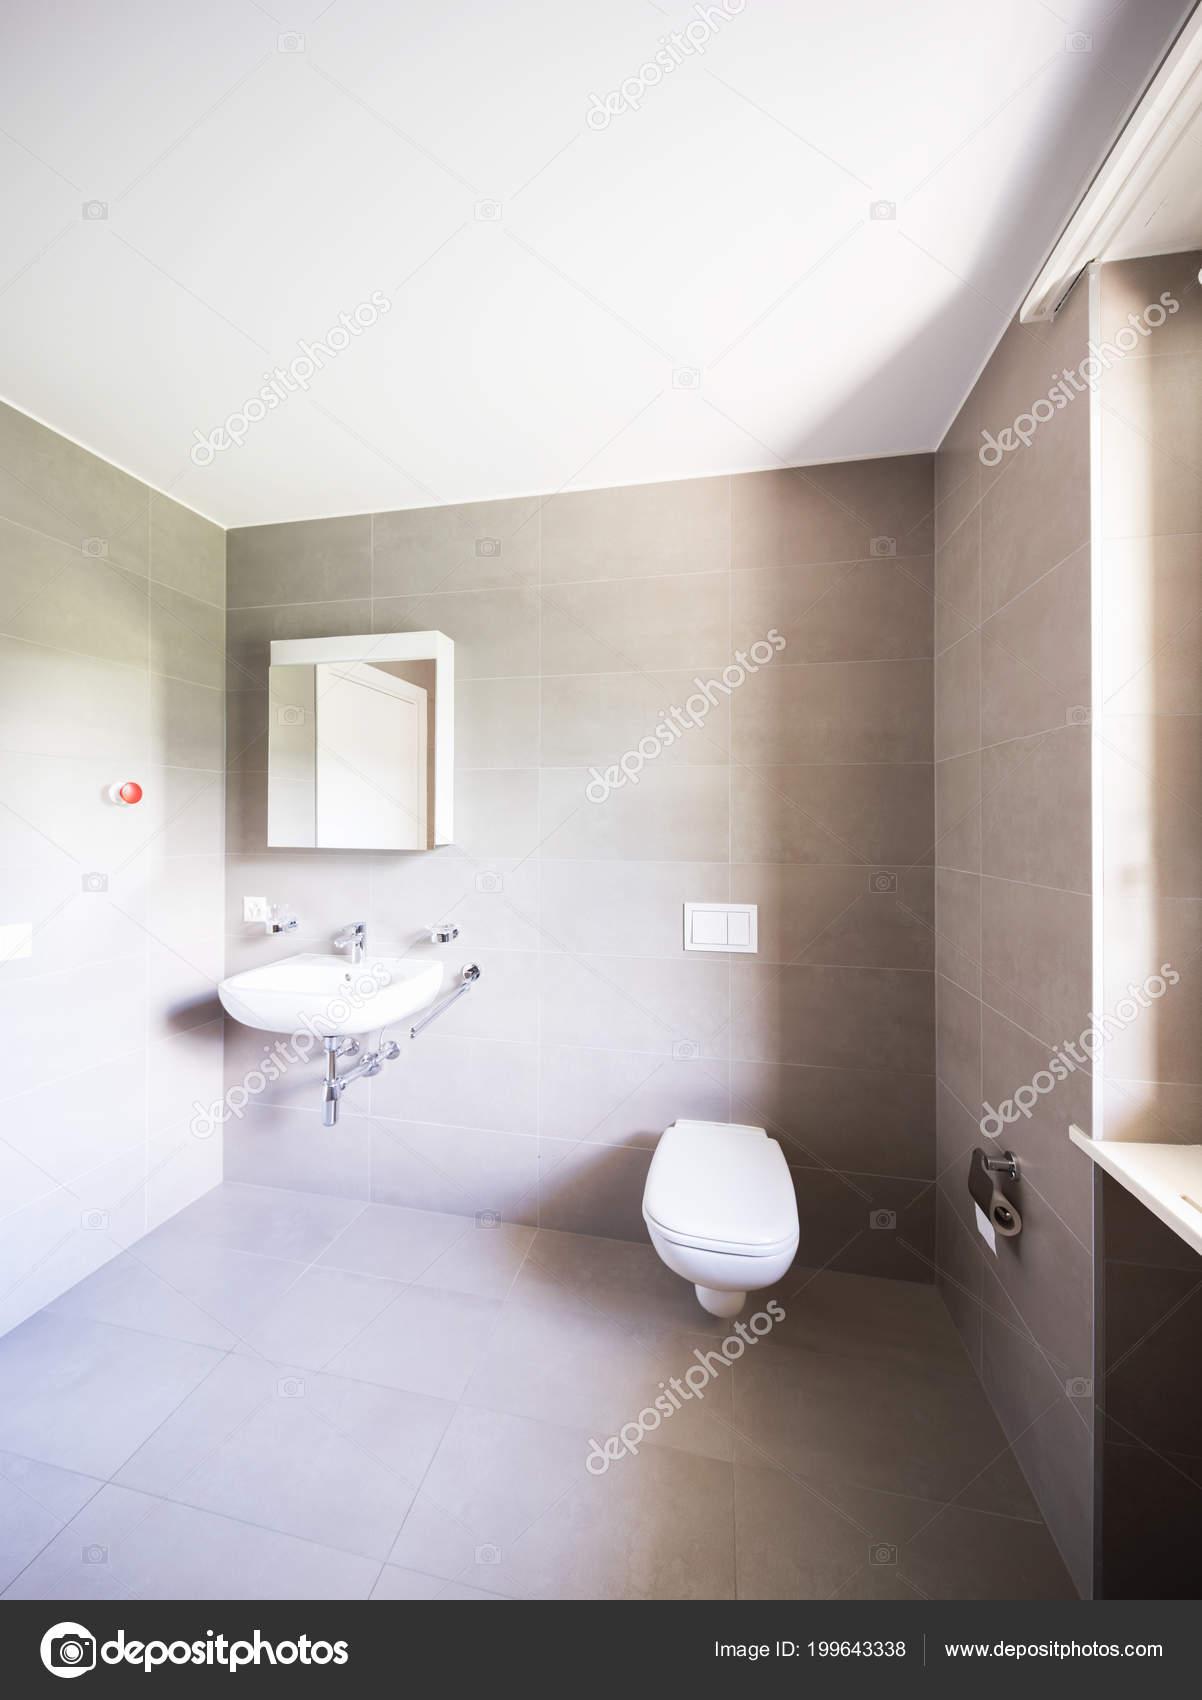 Badezimmer Mit Großen Modernen Fliesen Niemand Inneren ...